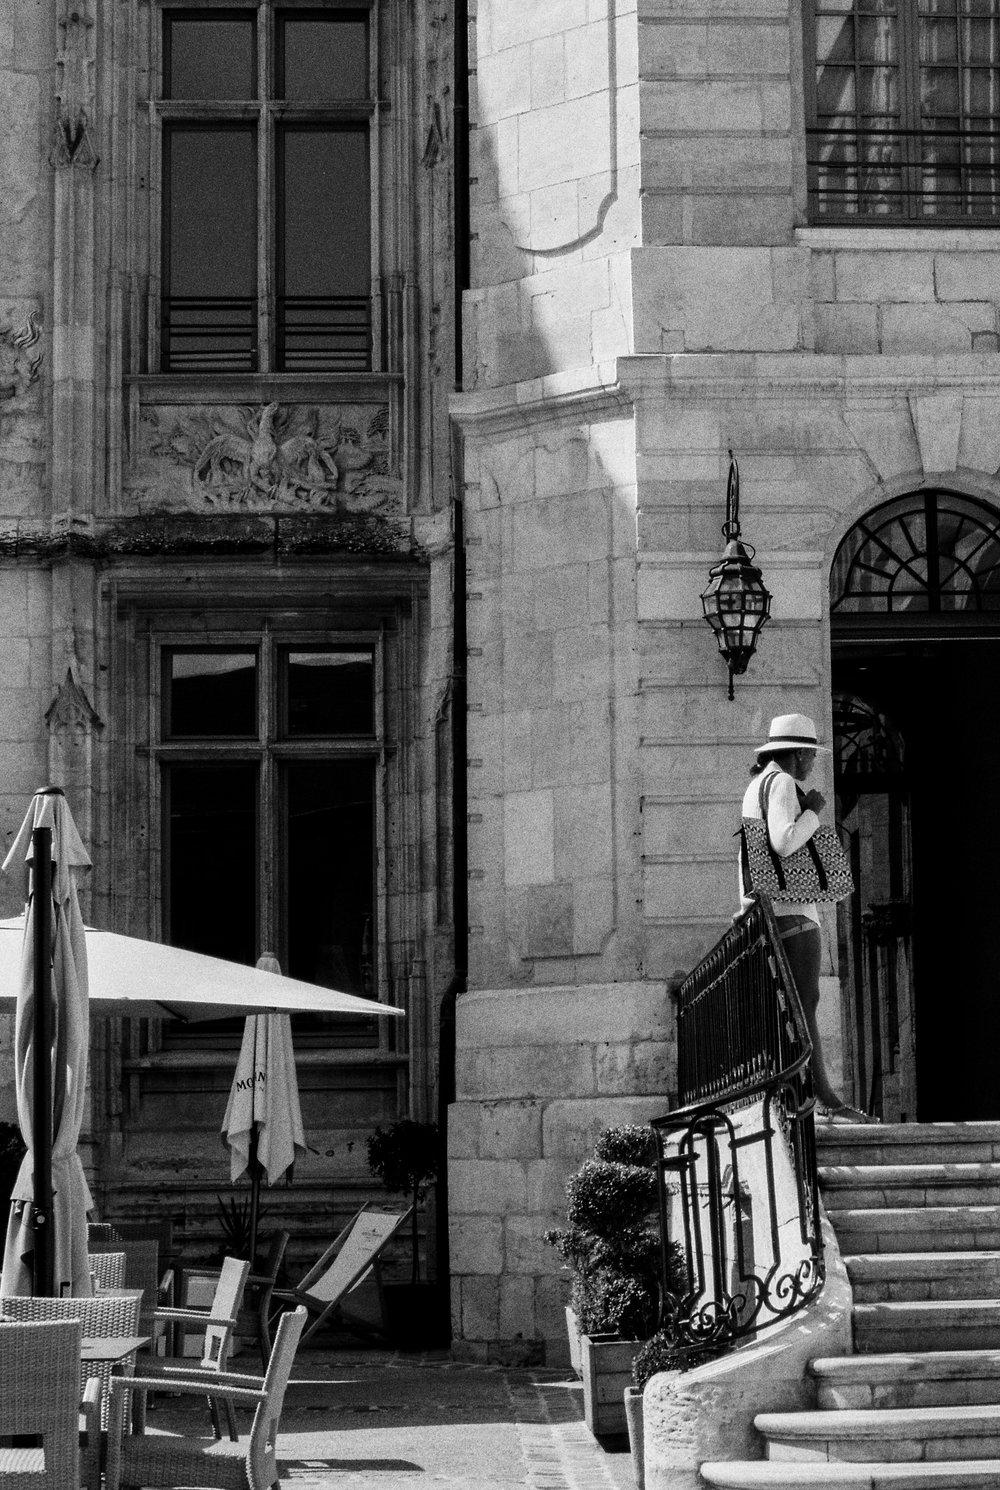 TaraShupe_NormandyFrance_MinoltaFilm_Vintage_008.jpg